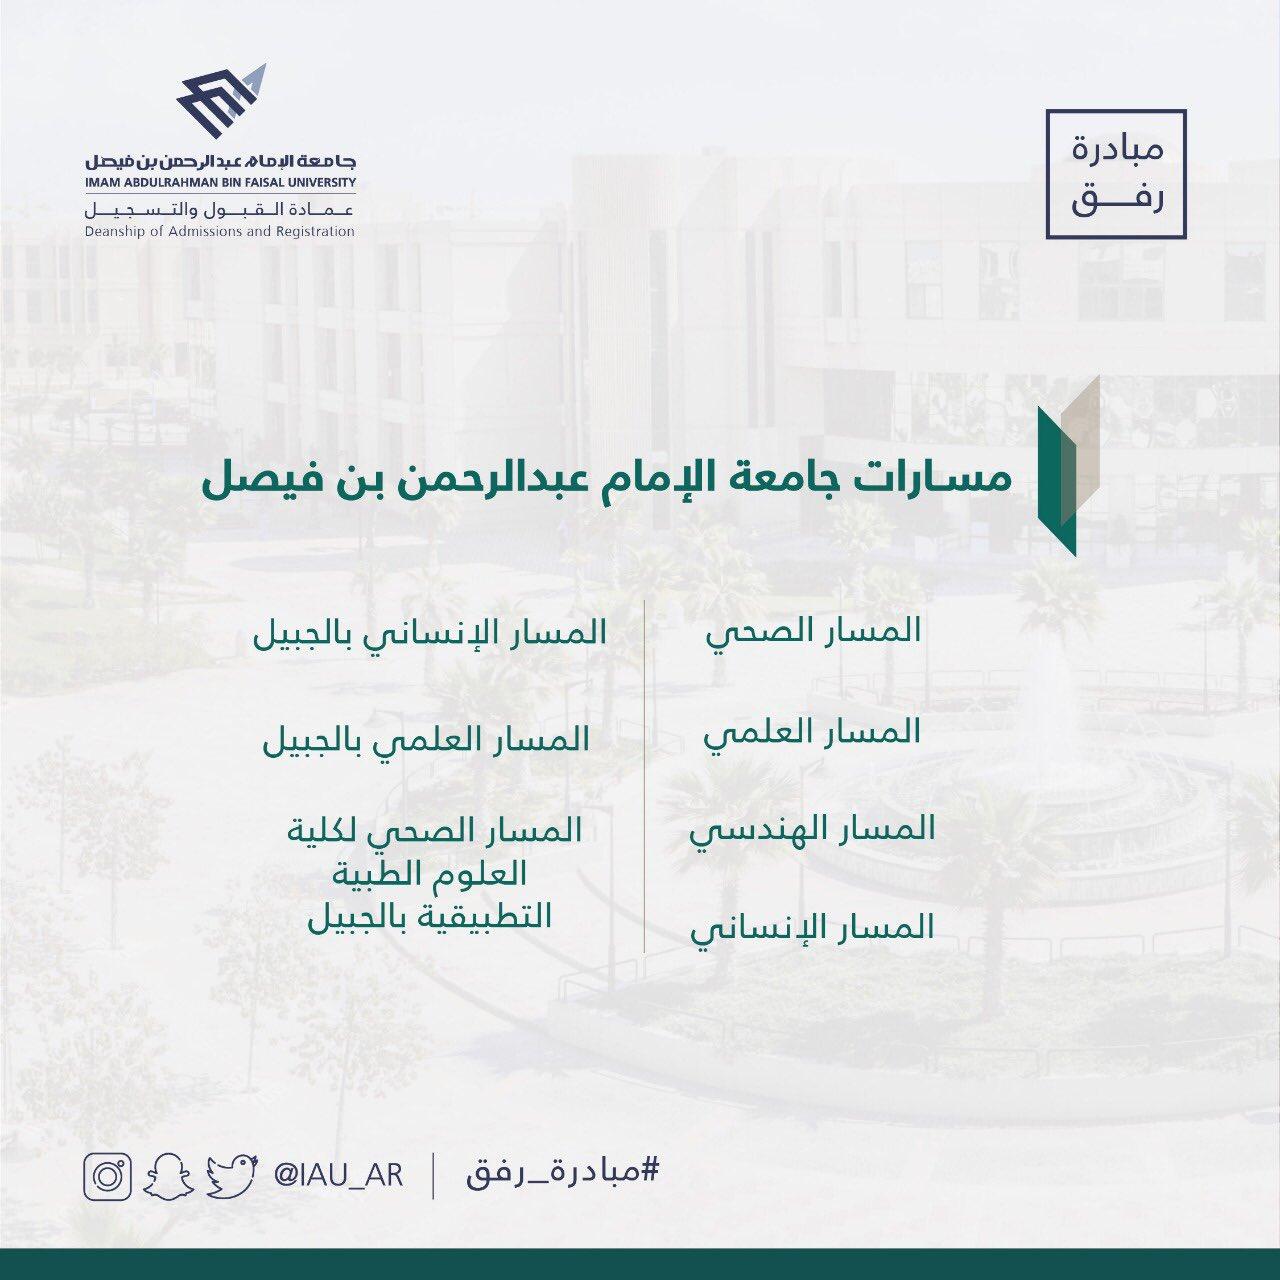 عمادة القبول والتسجيل On Twitter مسارات جامعة الإمام عبدالرحمن بن فيصل مبادرة رفق